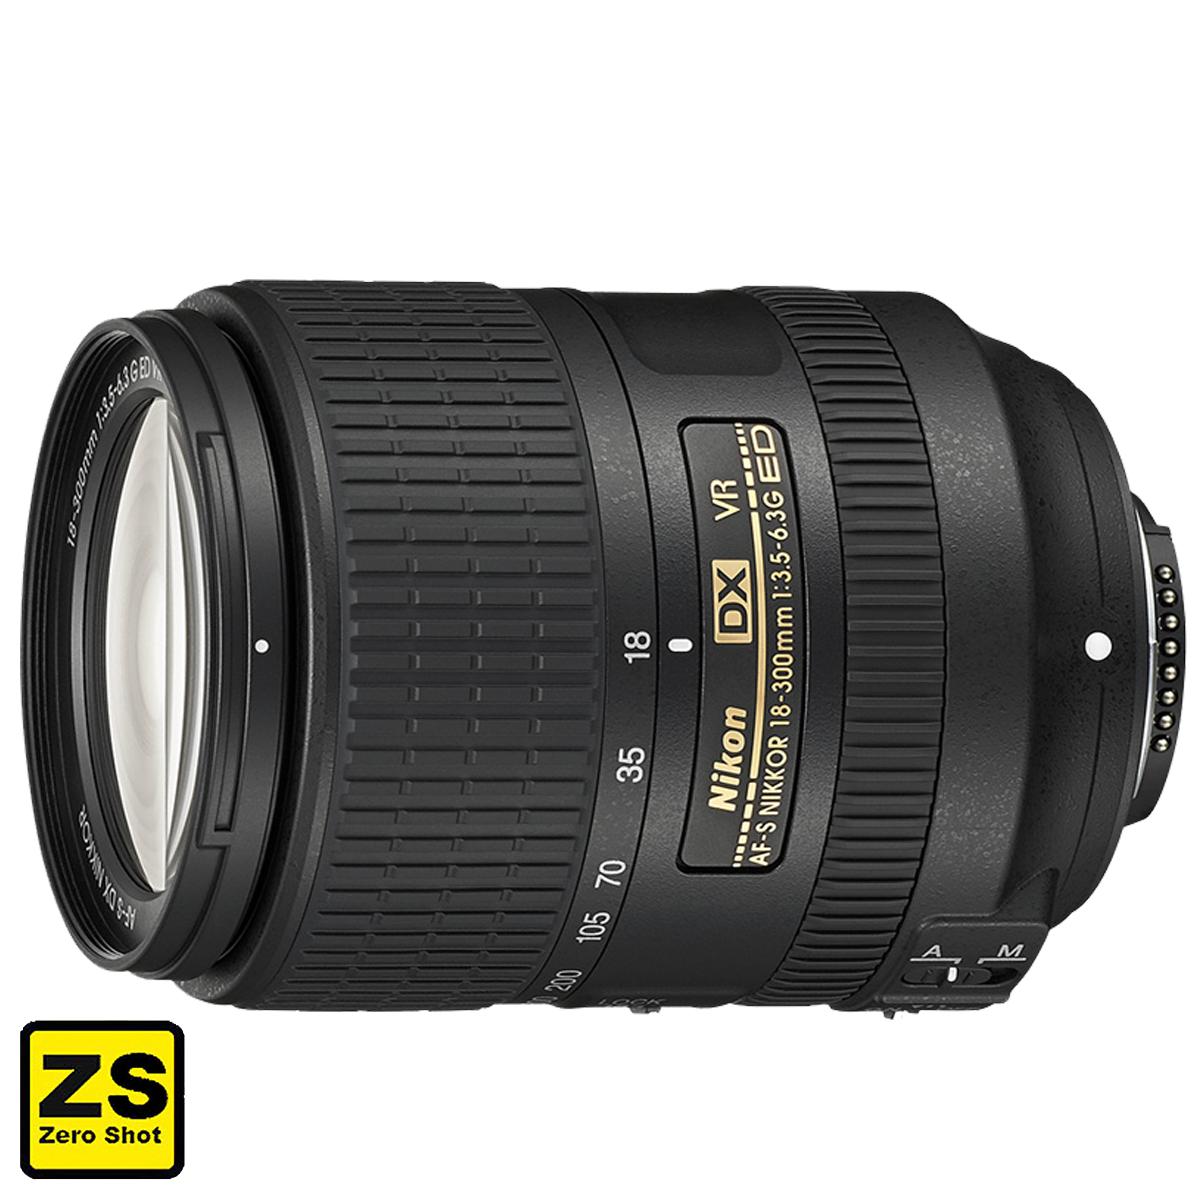 Objetiva AF-S DX NIKKOR 18-300mm f/3.5-6.3 G ED VR (Zero Shots)